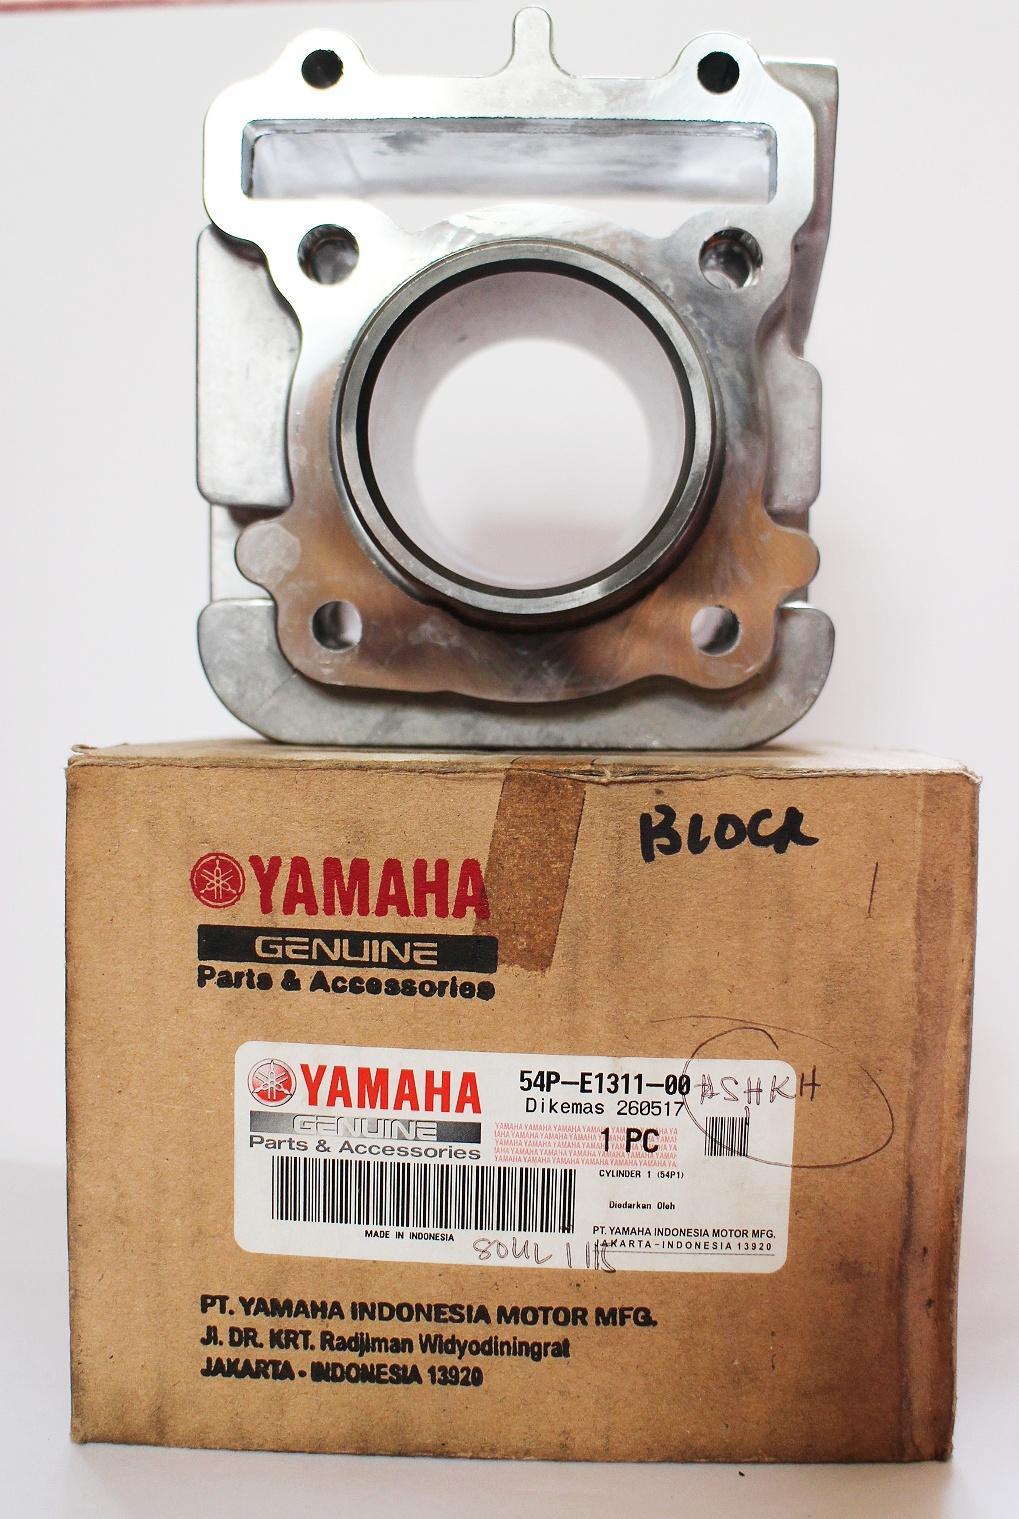 Original Yamaha Cylinder Block For Mio Soul I 115 By Jca Motorshop.